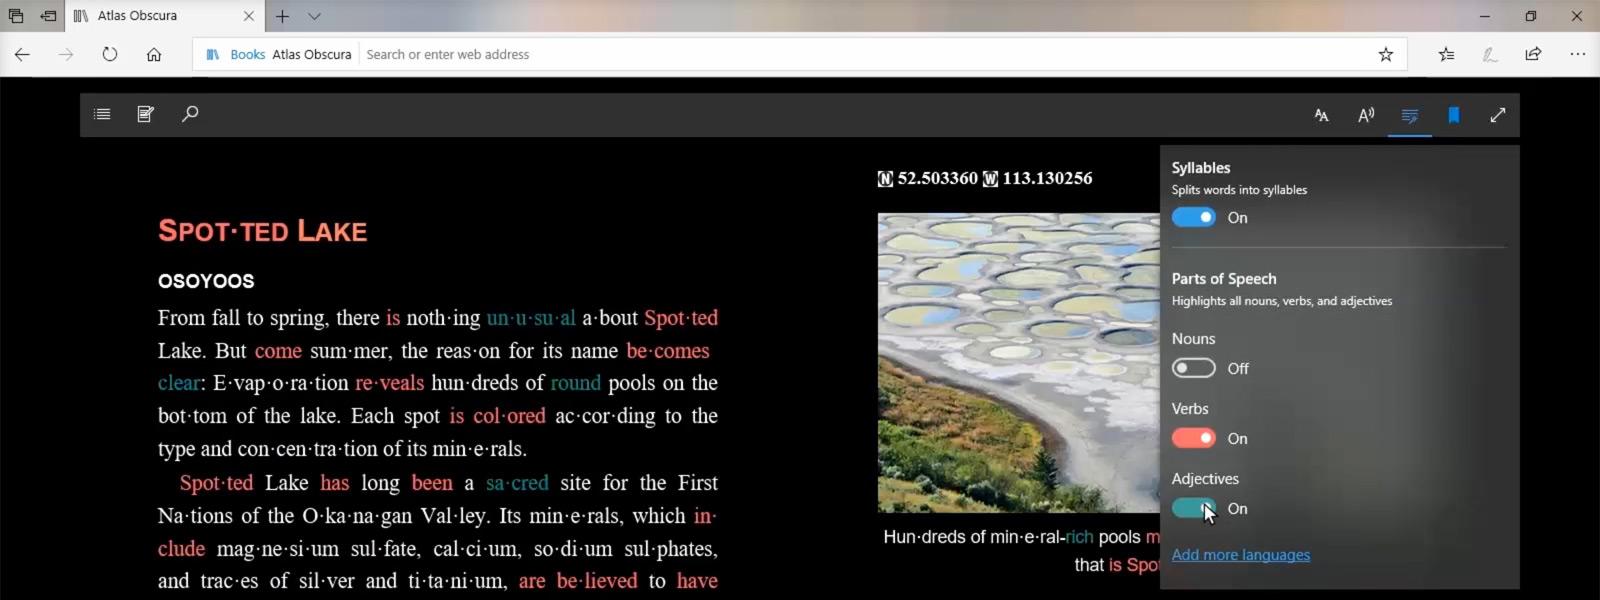 特定のウェブページ上の名詞、動詞、形容詞にハイライトをつける Learning Tools 機能の画面イメージ